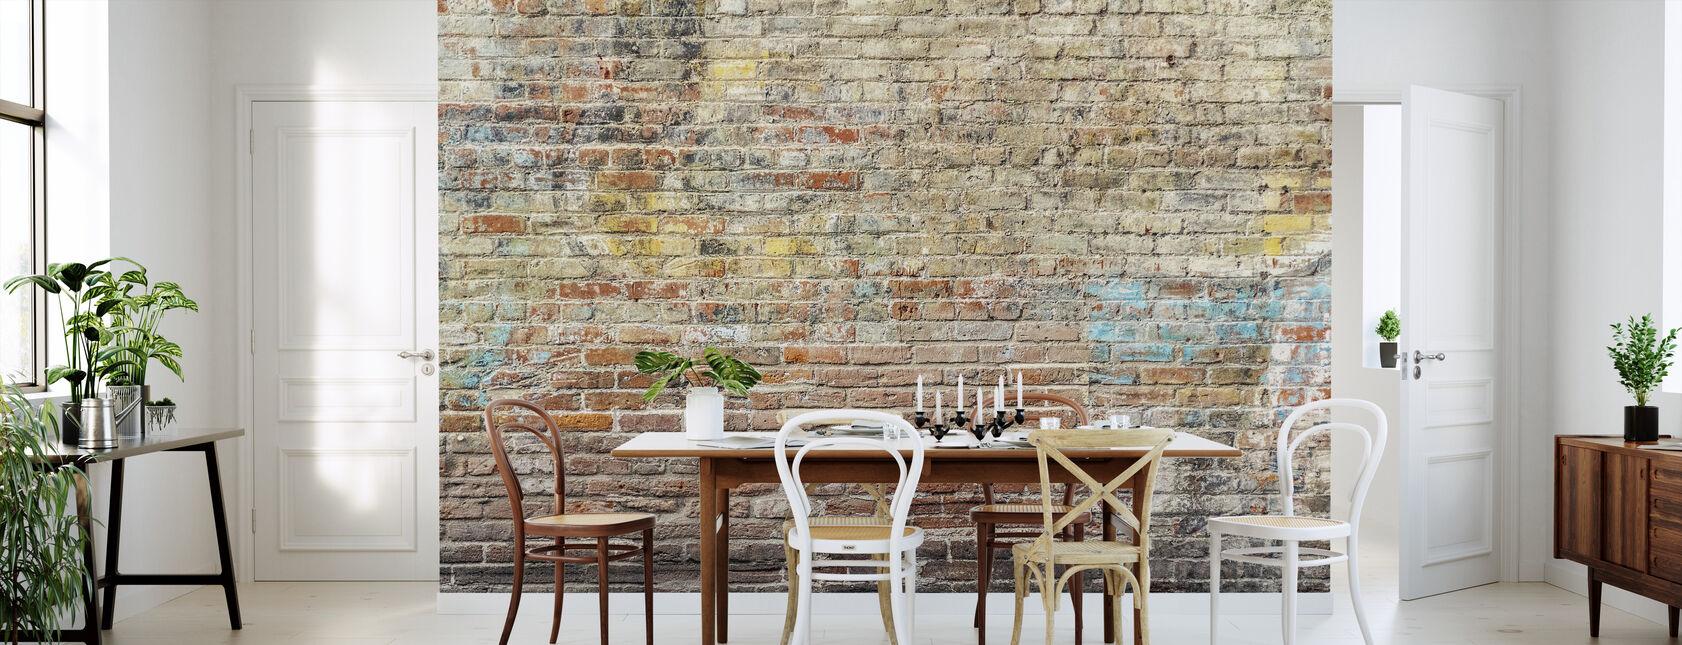 Worn Graffiti Brick Wall - Wallpaper - Kitchen